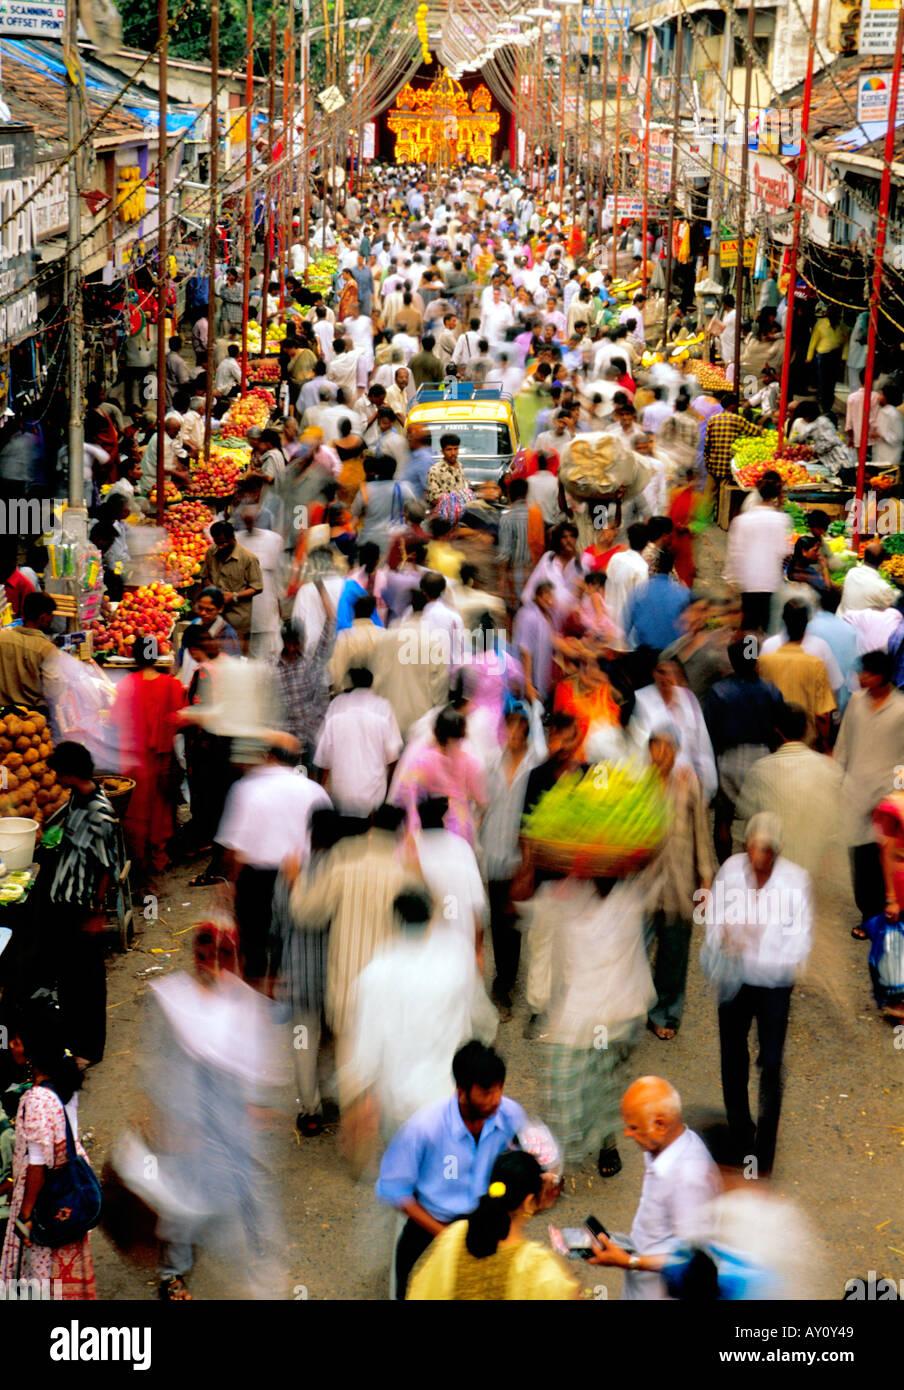 O inimaginável buzz de dadar west street mercado mumbai seething com multidões de compradores e vendedores. Imagens de Stock